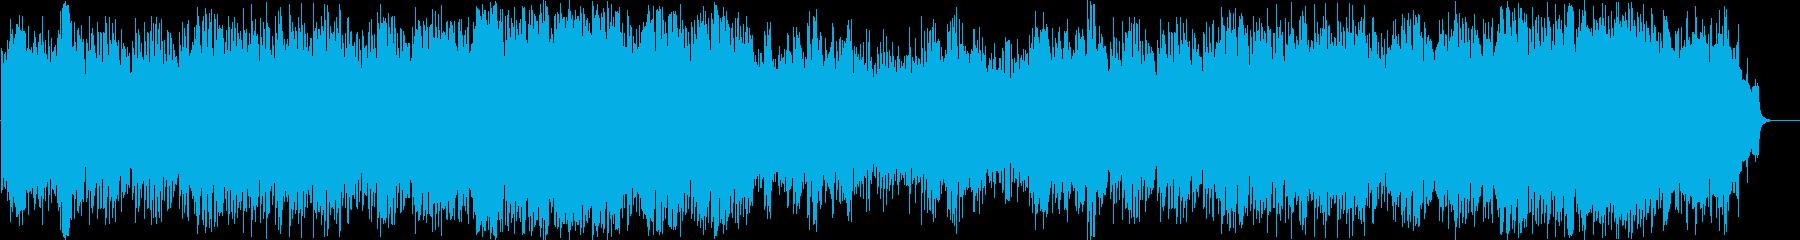 バイオリンとピアノの切ないシーン向きの曲の再生済みの波形